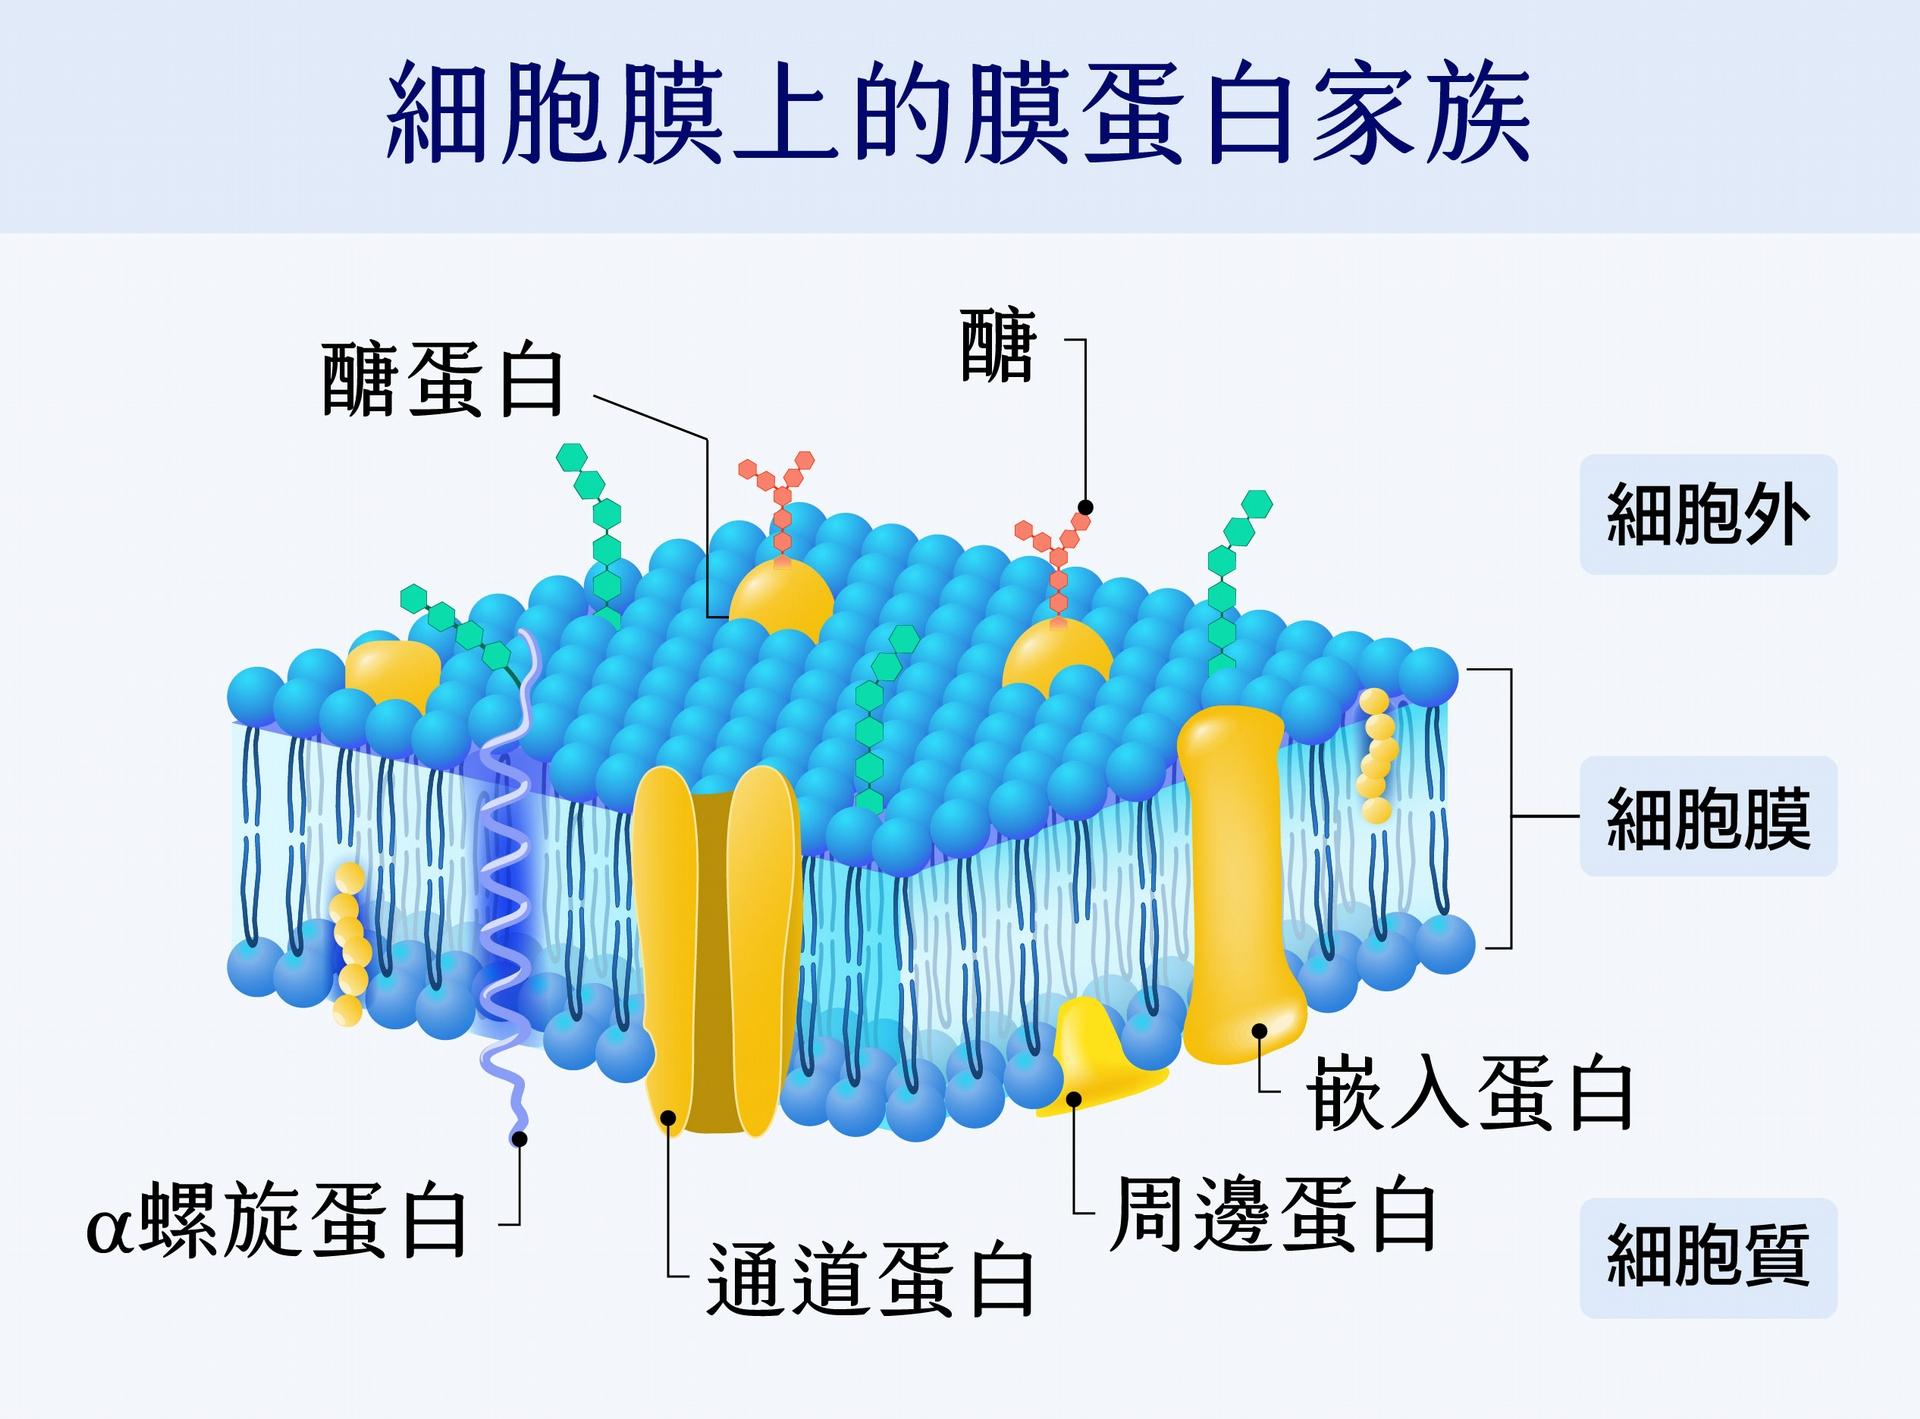 細胞膜上含有大量的膜蛋白質(人體內至少有 8000 種),膜蛋白質調控了很多重要的細胞功能,例如通道蛋白可負責細胞間物質運輸,醣蛋白可提供免疫系統辨識自身和外來細胞,其他膜蛋白質的功能還包括訊息接收、催化反應等等。 陳玉如團隊以質譜儀全面性定量膜蛋白體,可幫助科學家了解與膜蛋白質相關疾病的原理,開發疾病檢測或是藥物標靶蛋白質。以癌症為例,現在使用的癌症標識分子(biomarker)大多數就是膜蛋白質。 圖│iStock